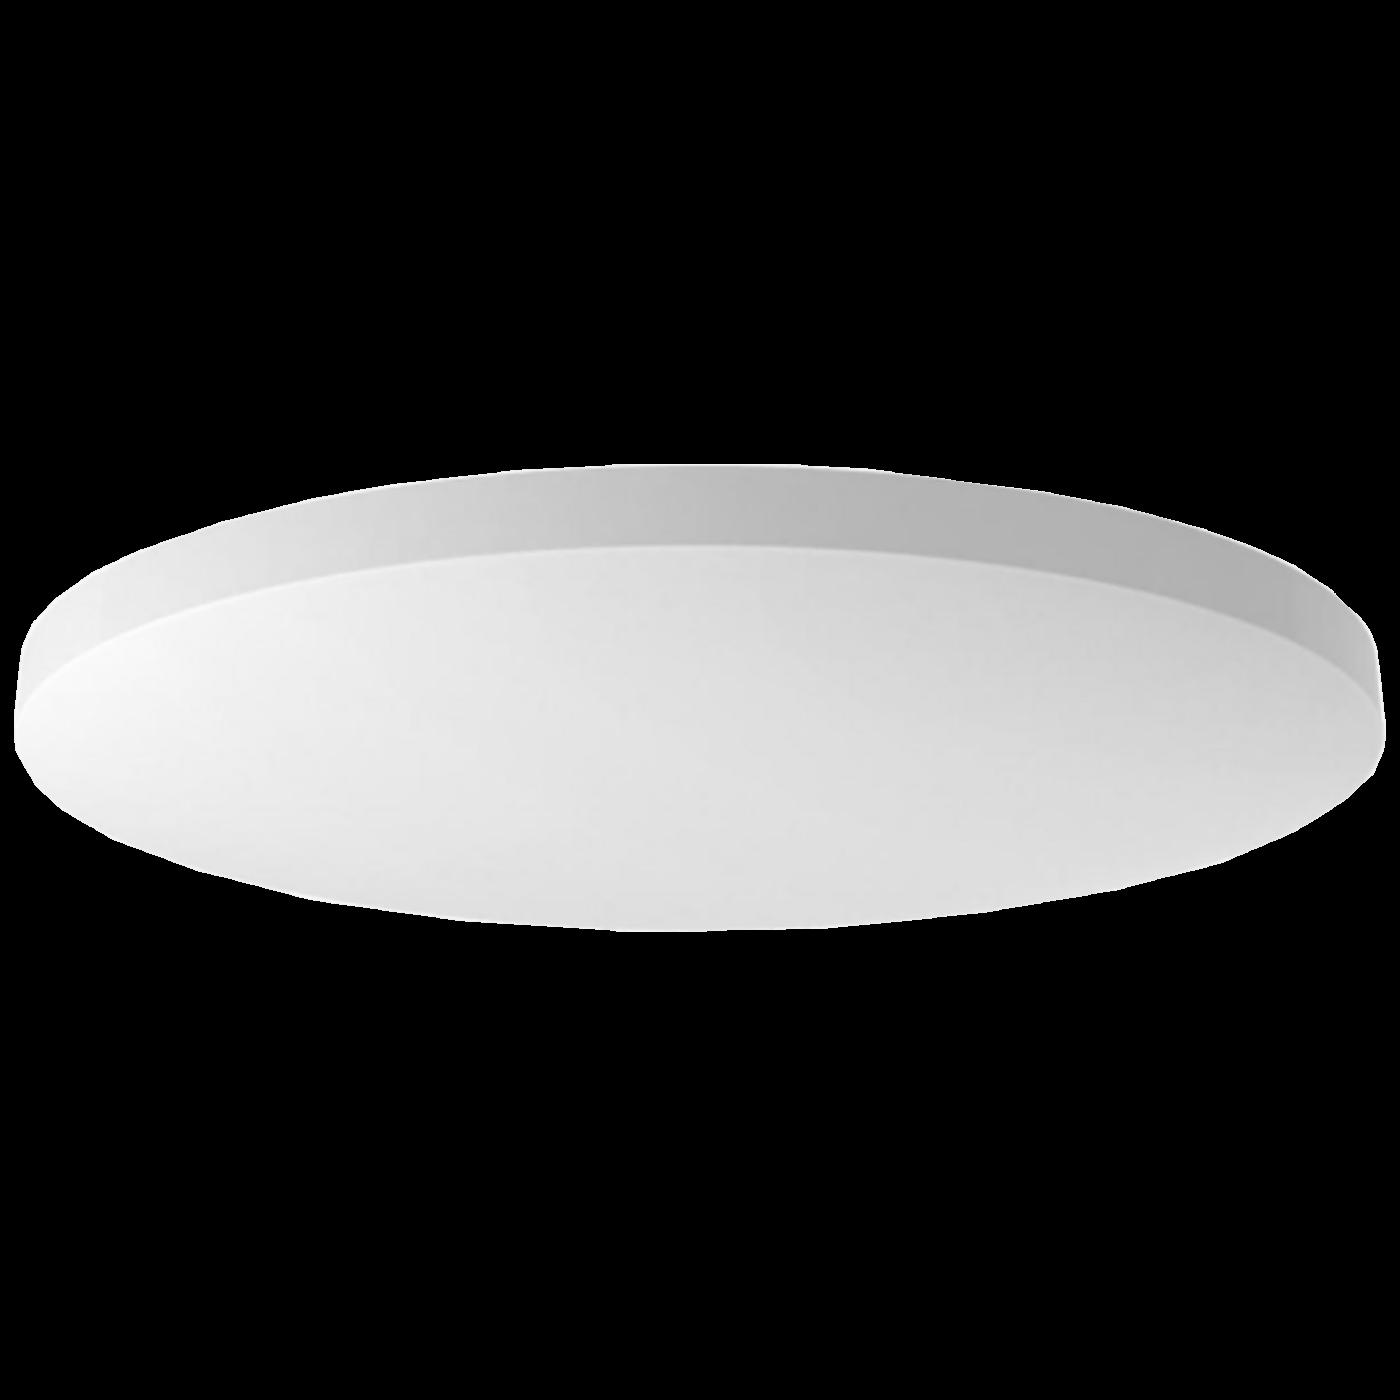 Mi LED Ceiling Light